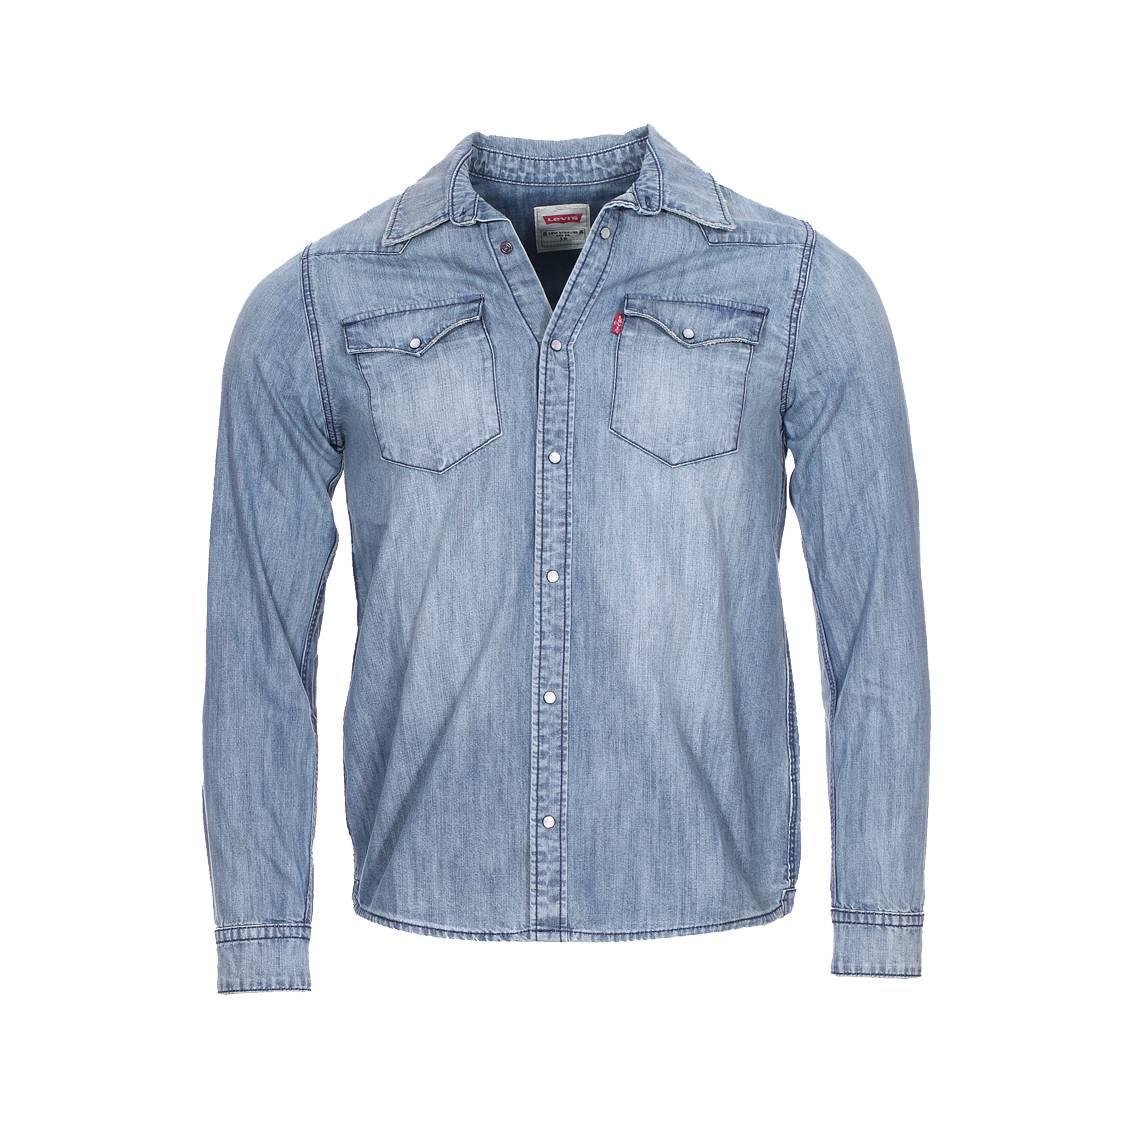 Chemise Jeans Levis avec chemise droite levi's junior en jean bleu delavé, effet usé | rue